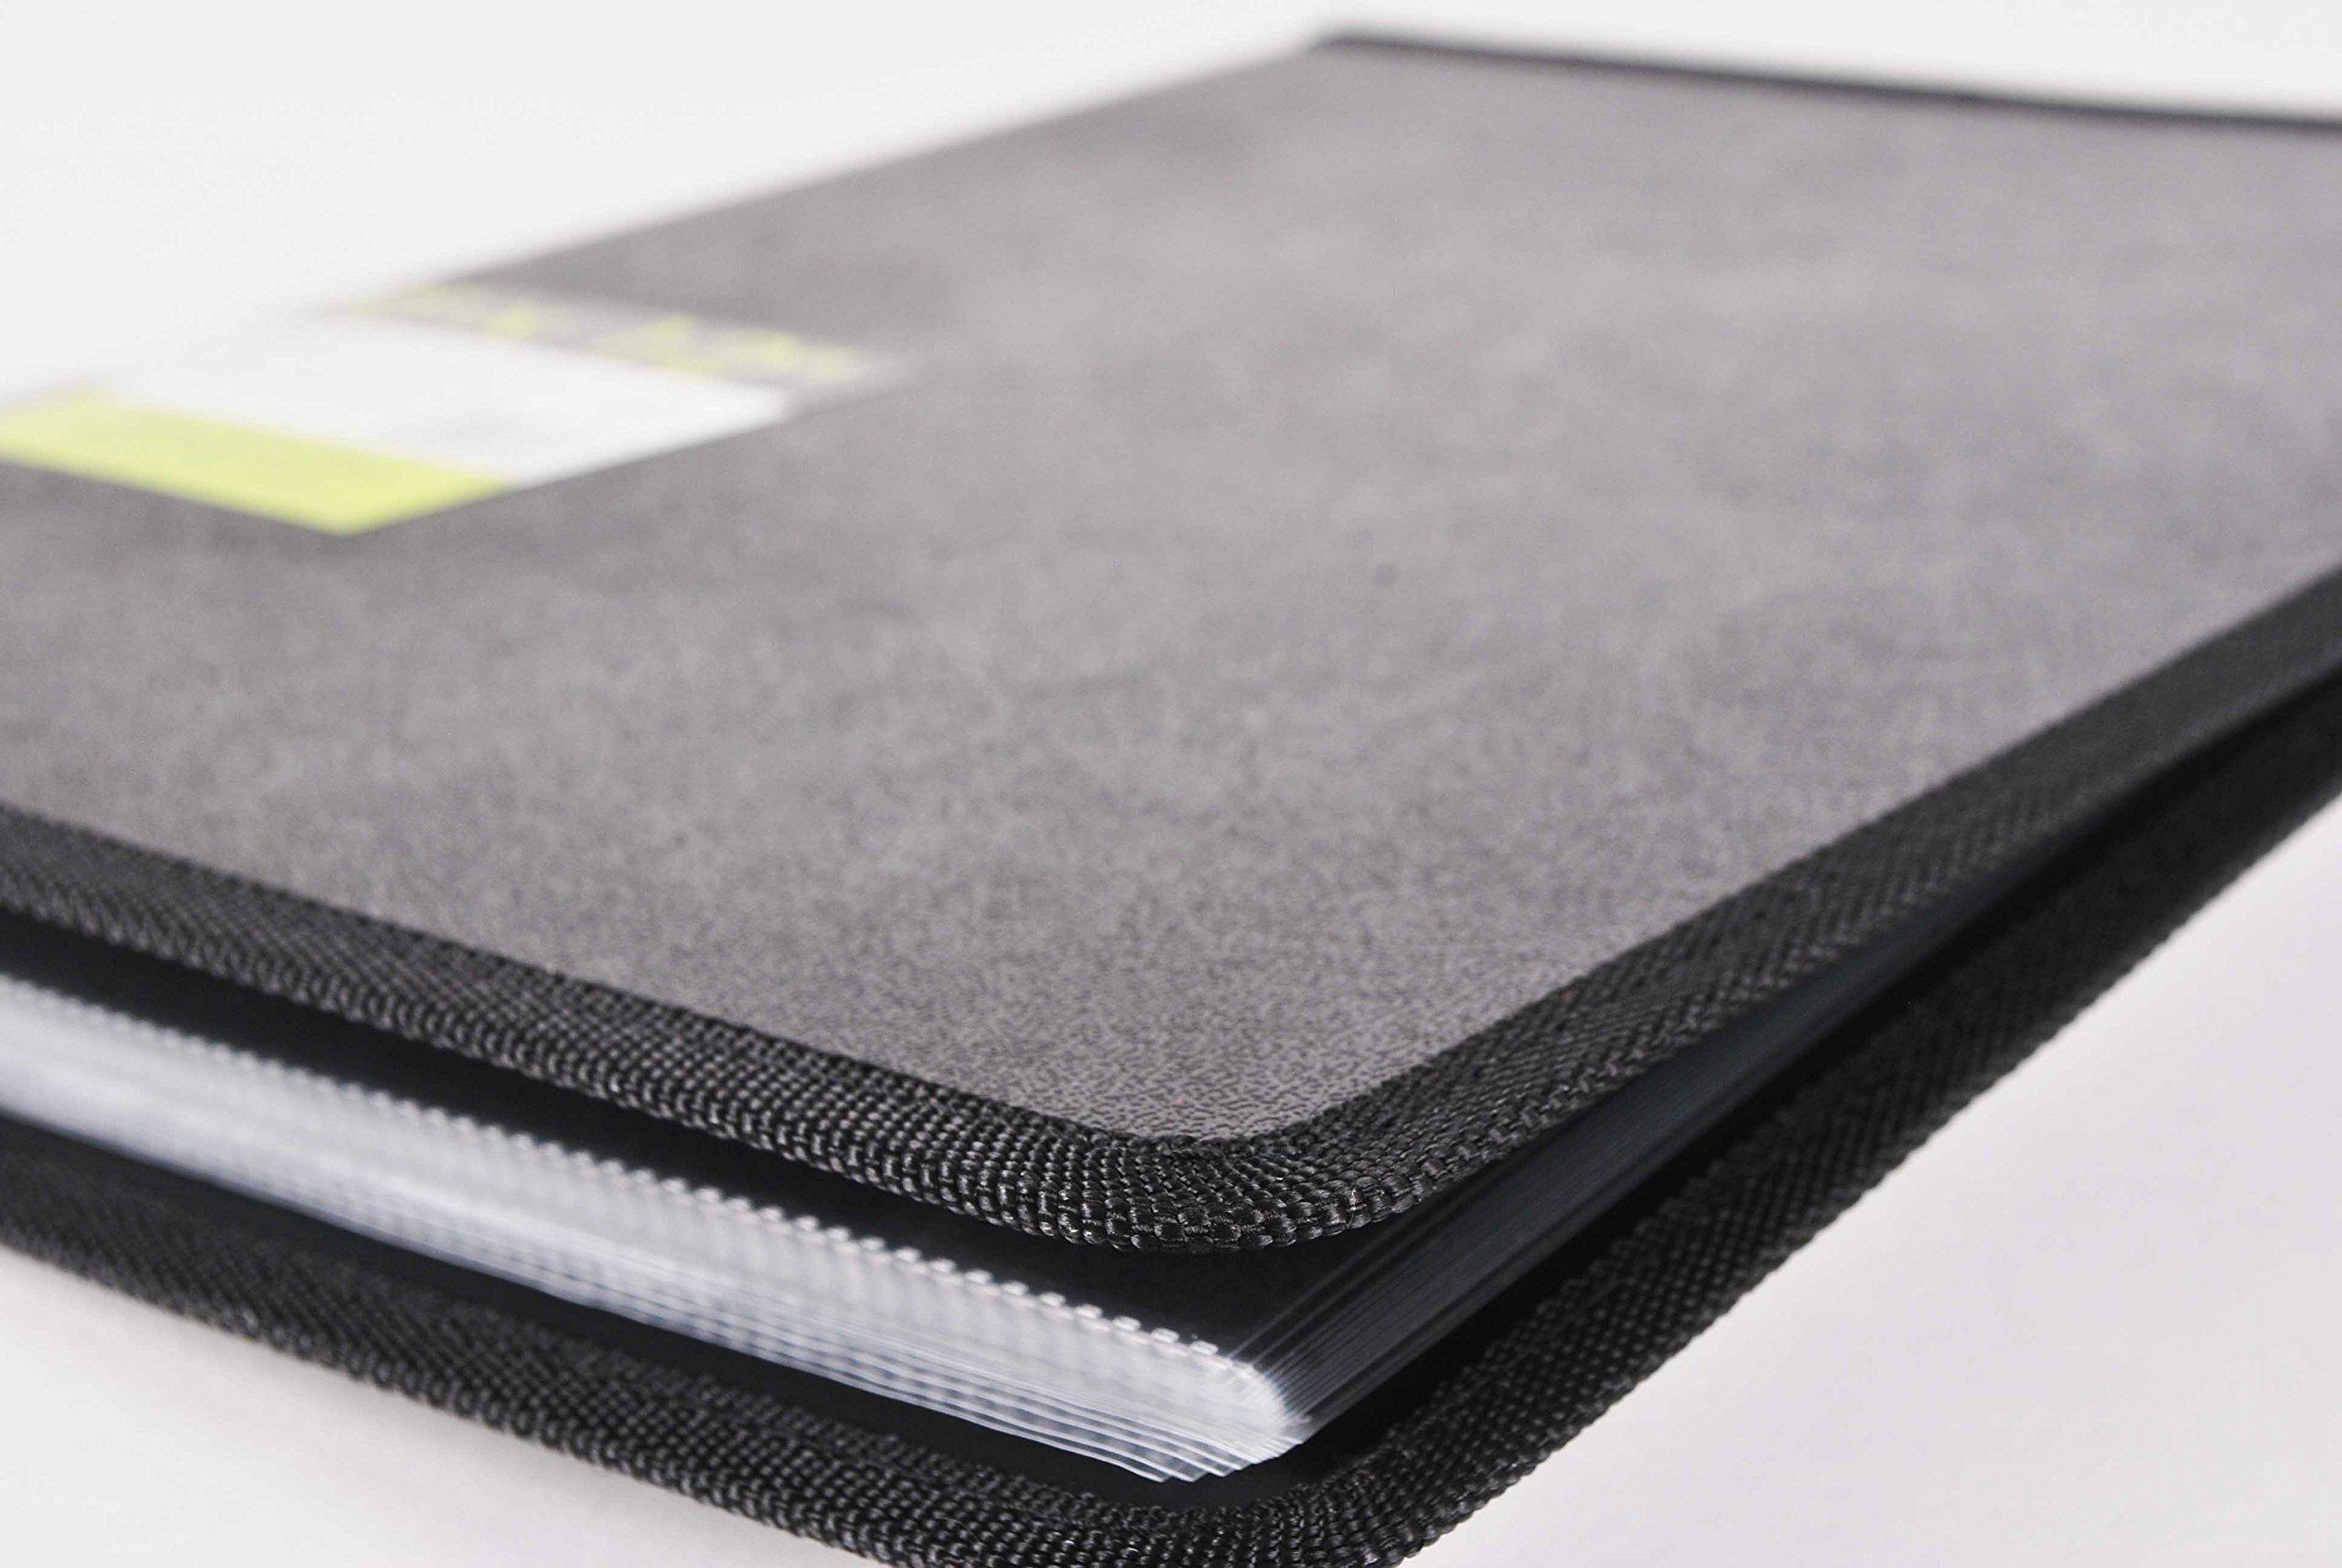 Filexec, 93630, Art Presentation Book, 24 Pocket, 11'' x 14'', 1 Each Black by Filexec